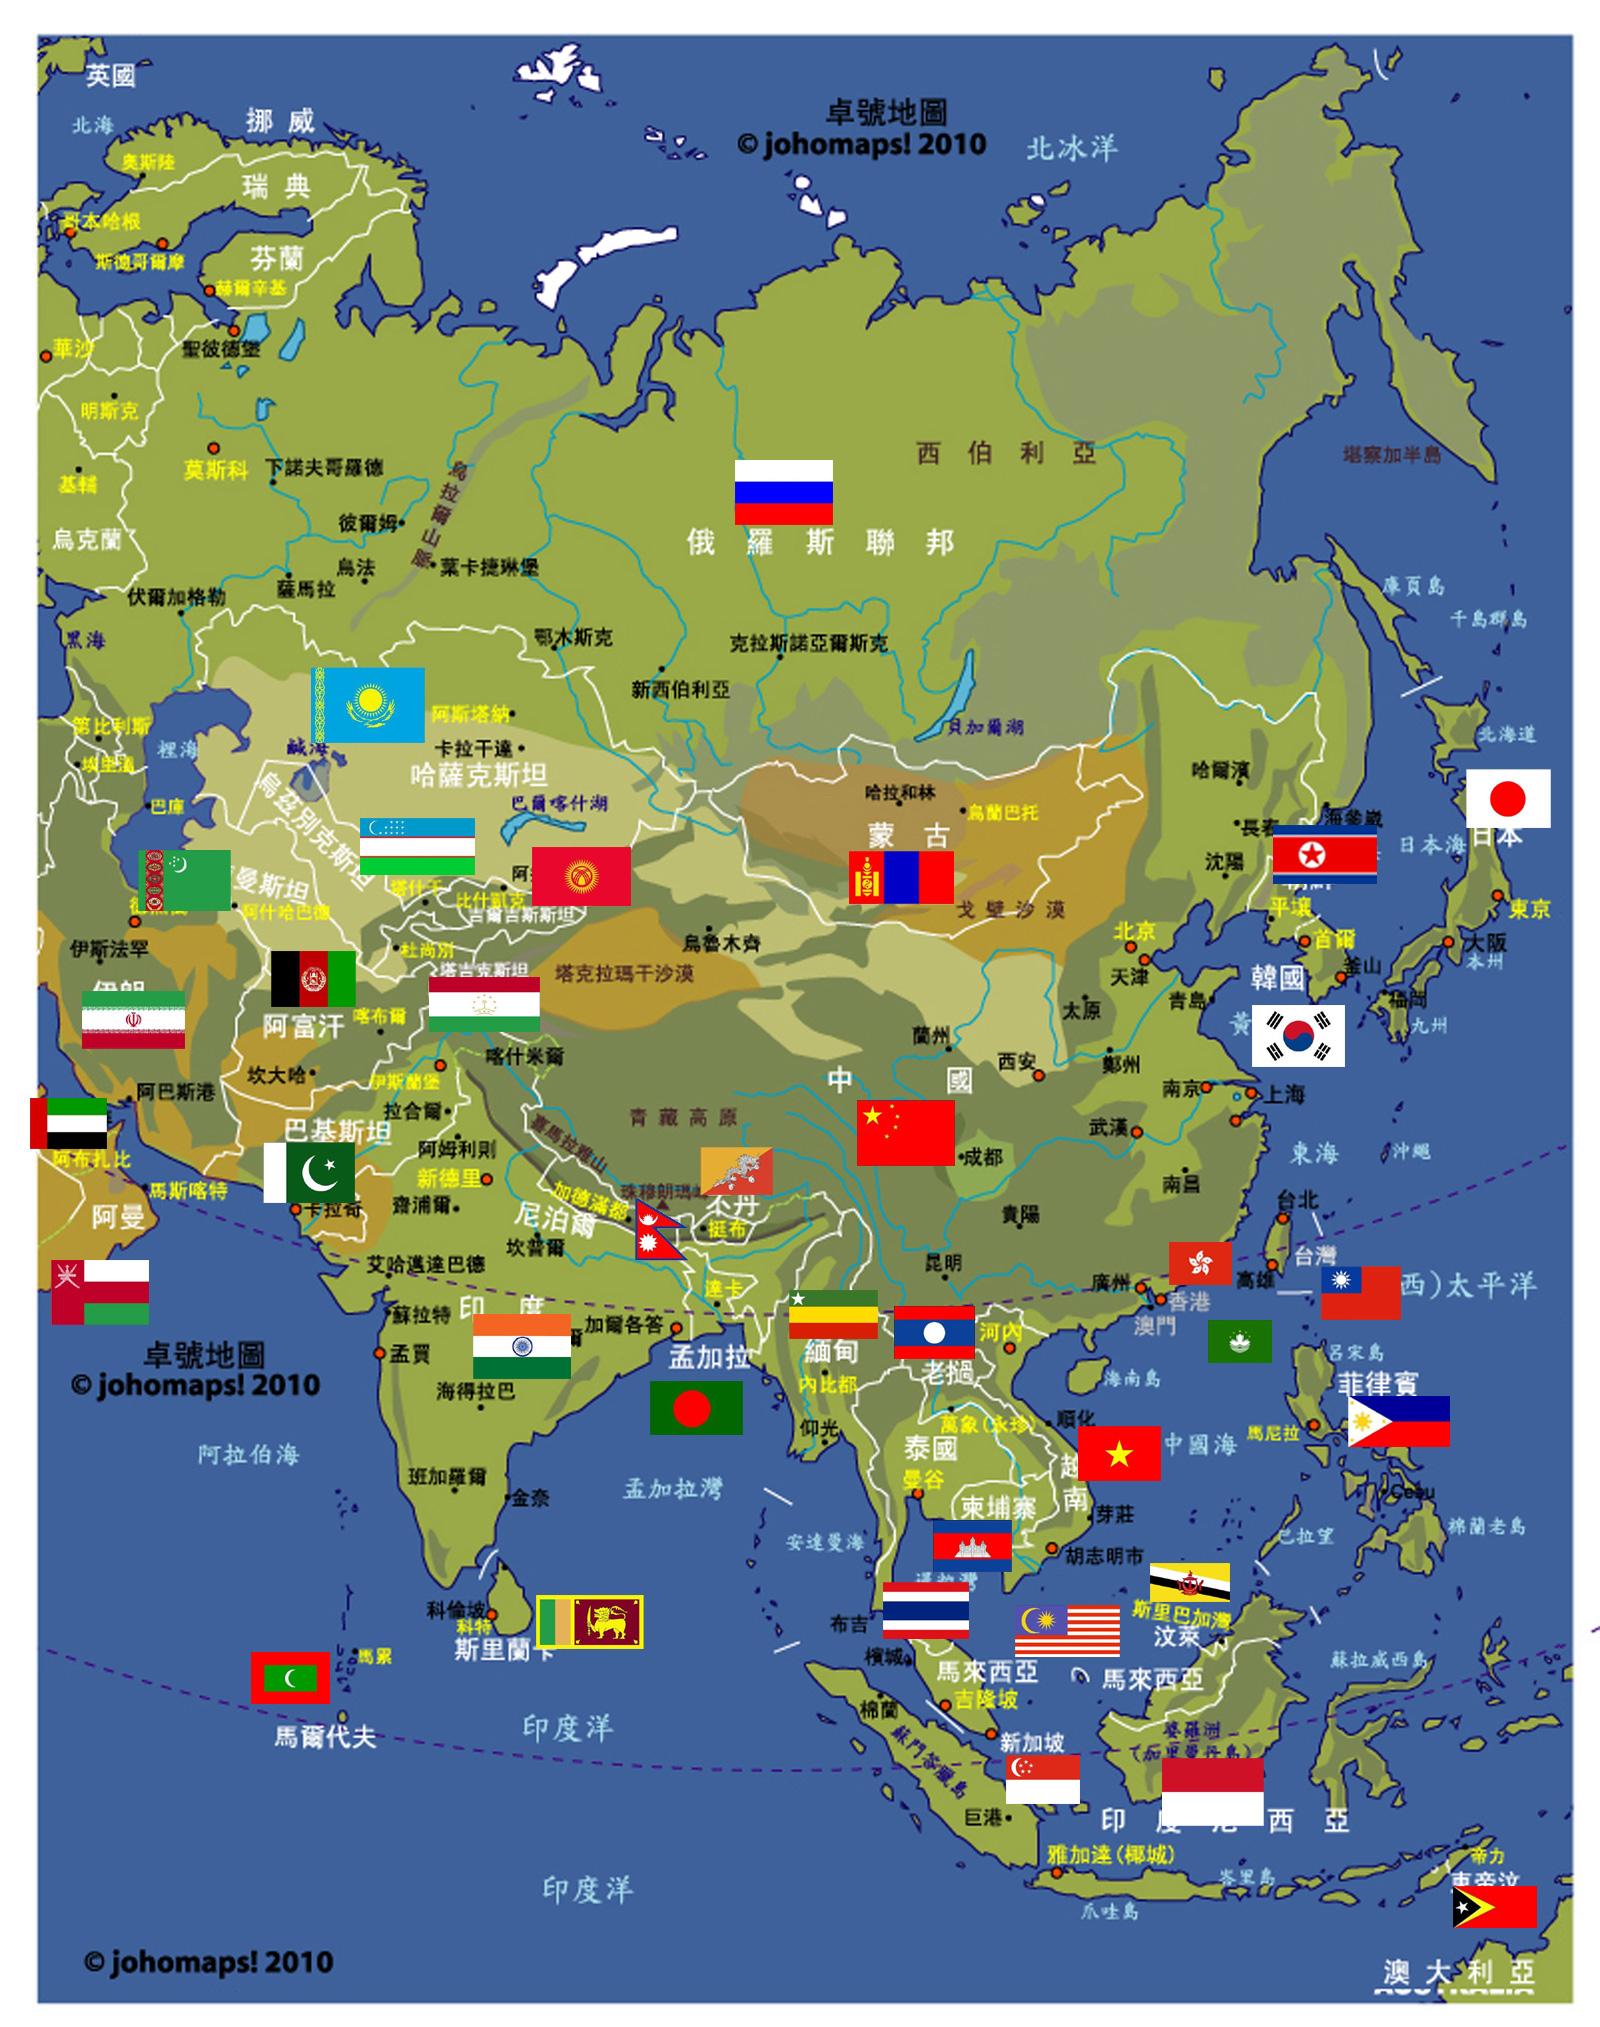 卓號地圖- 亞洲地圖 亚洲地图